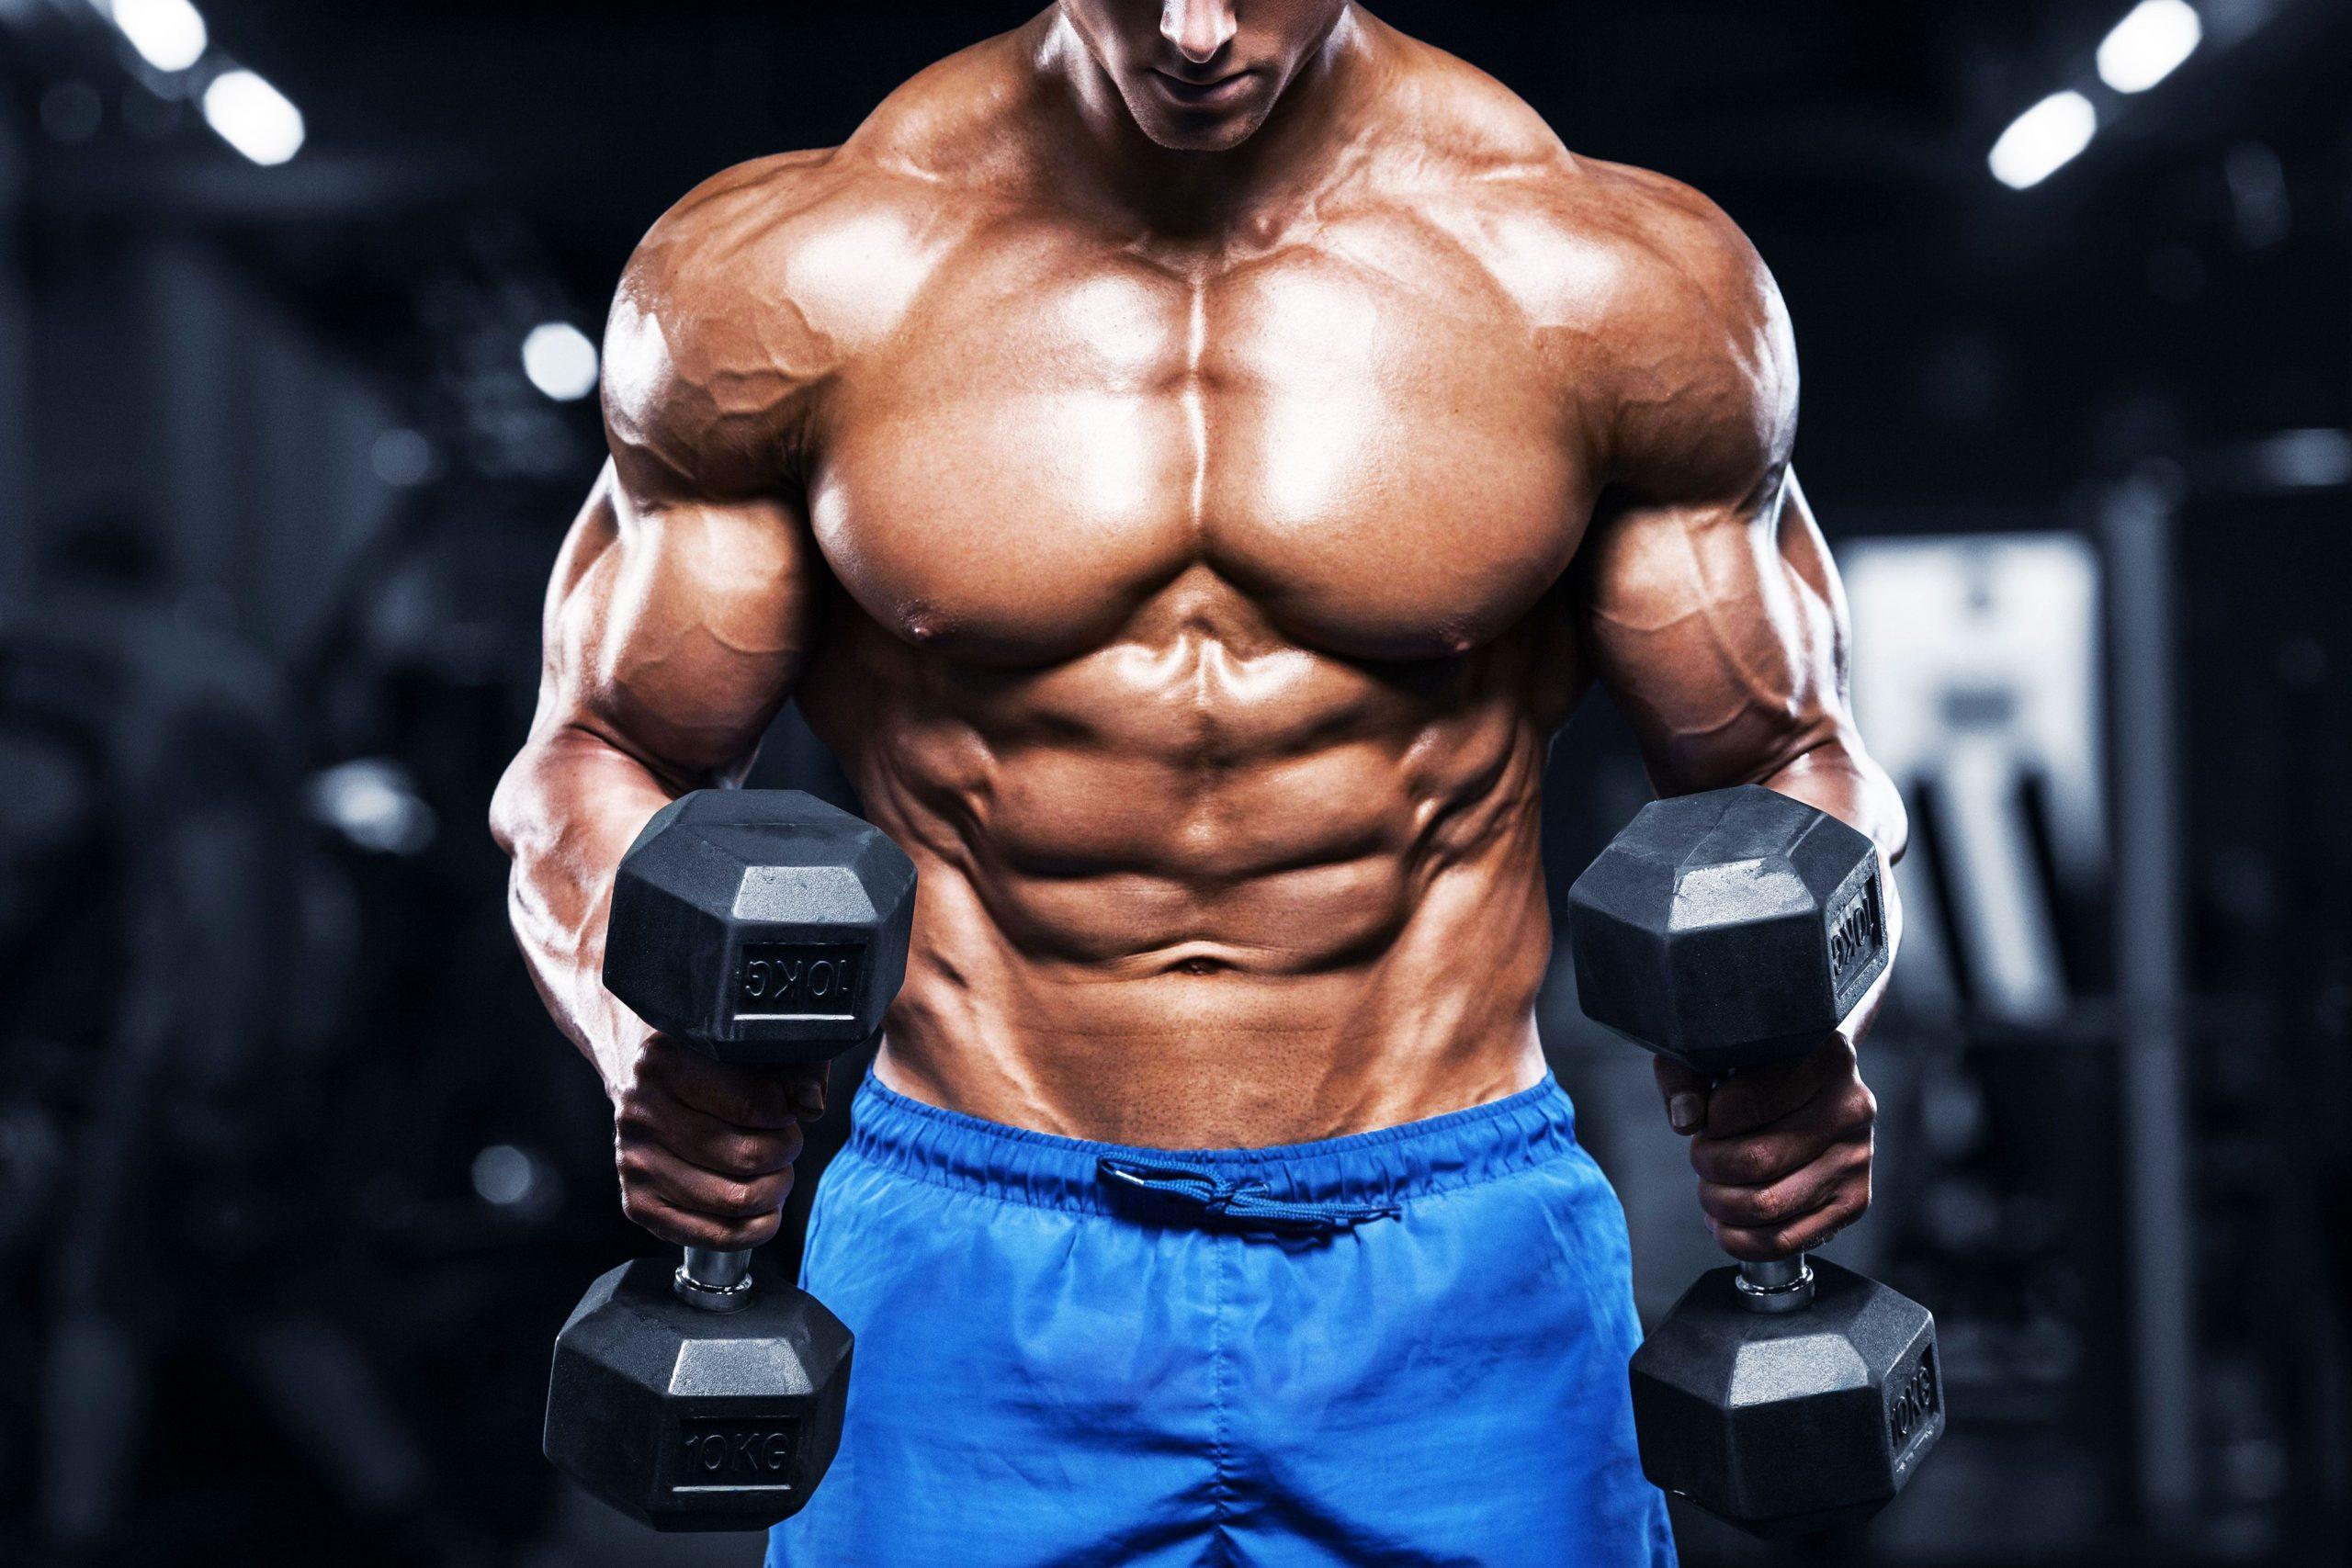 بناء العضلات للرجال